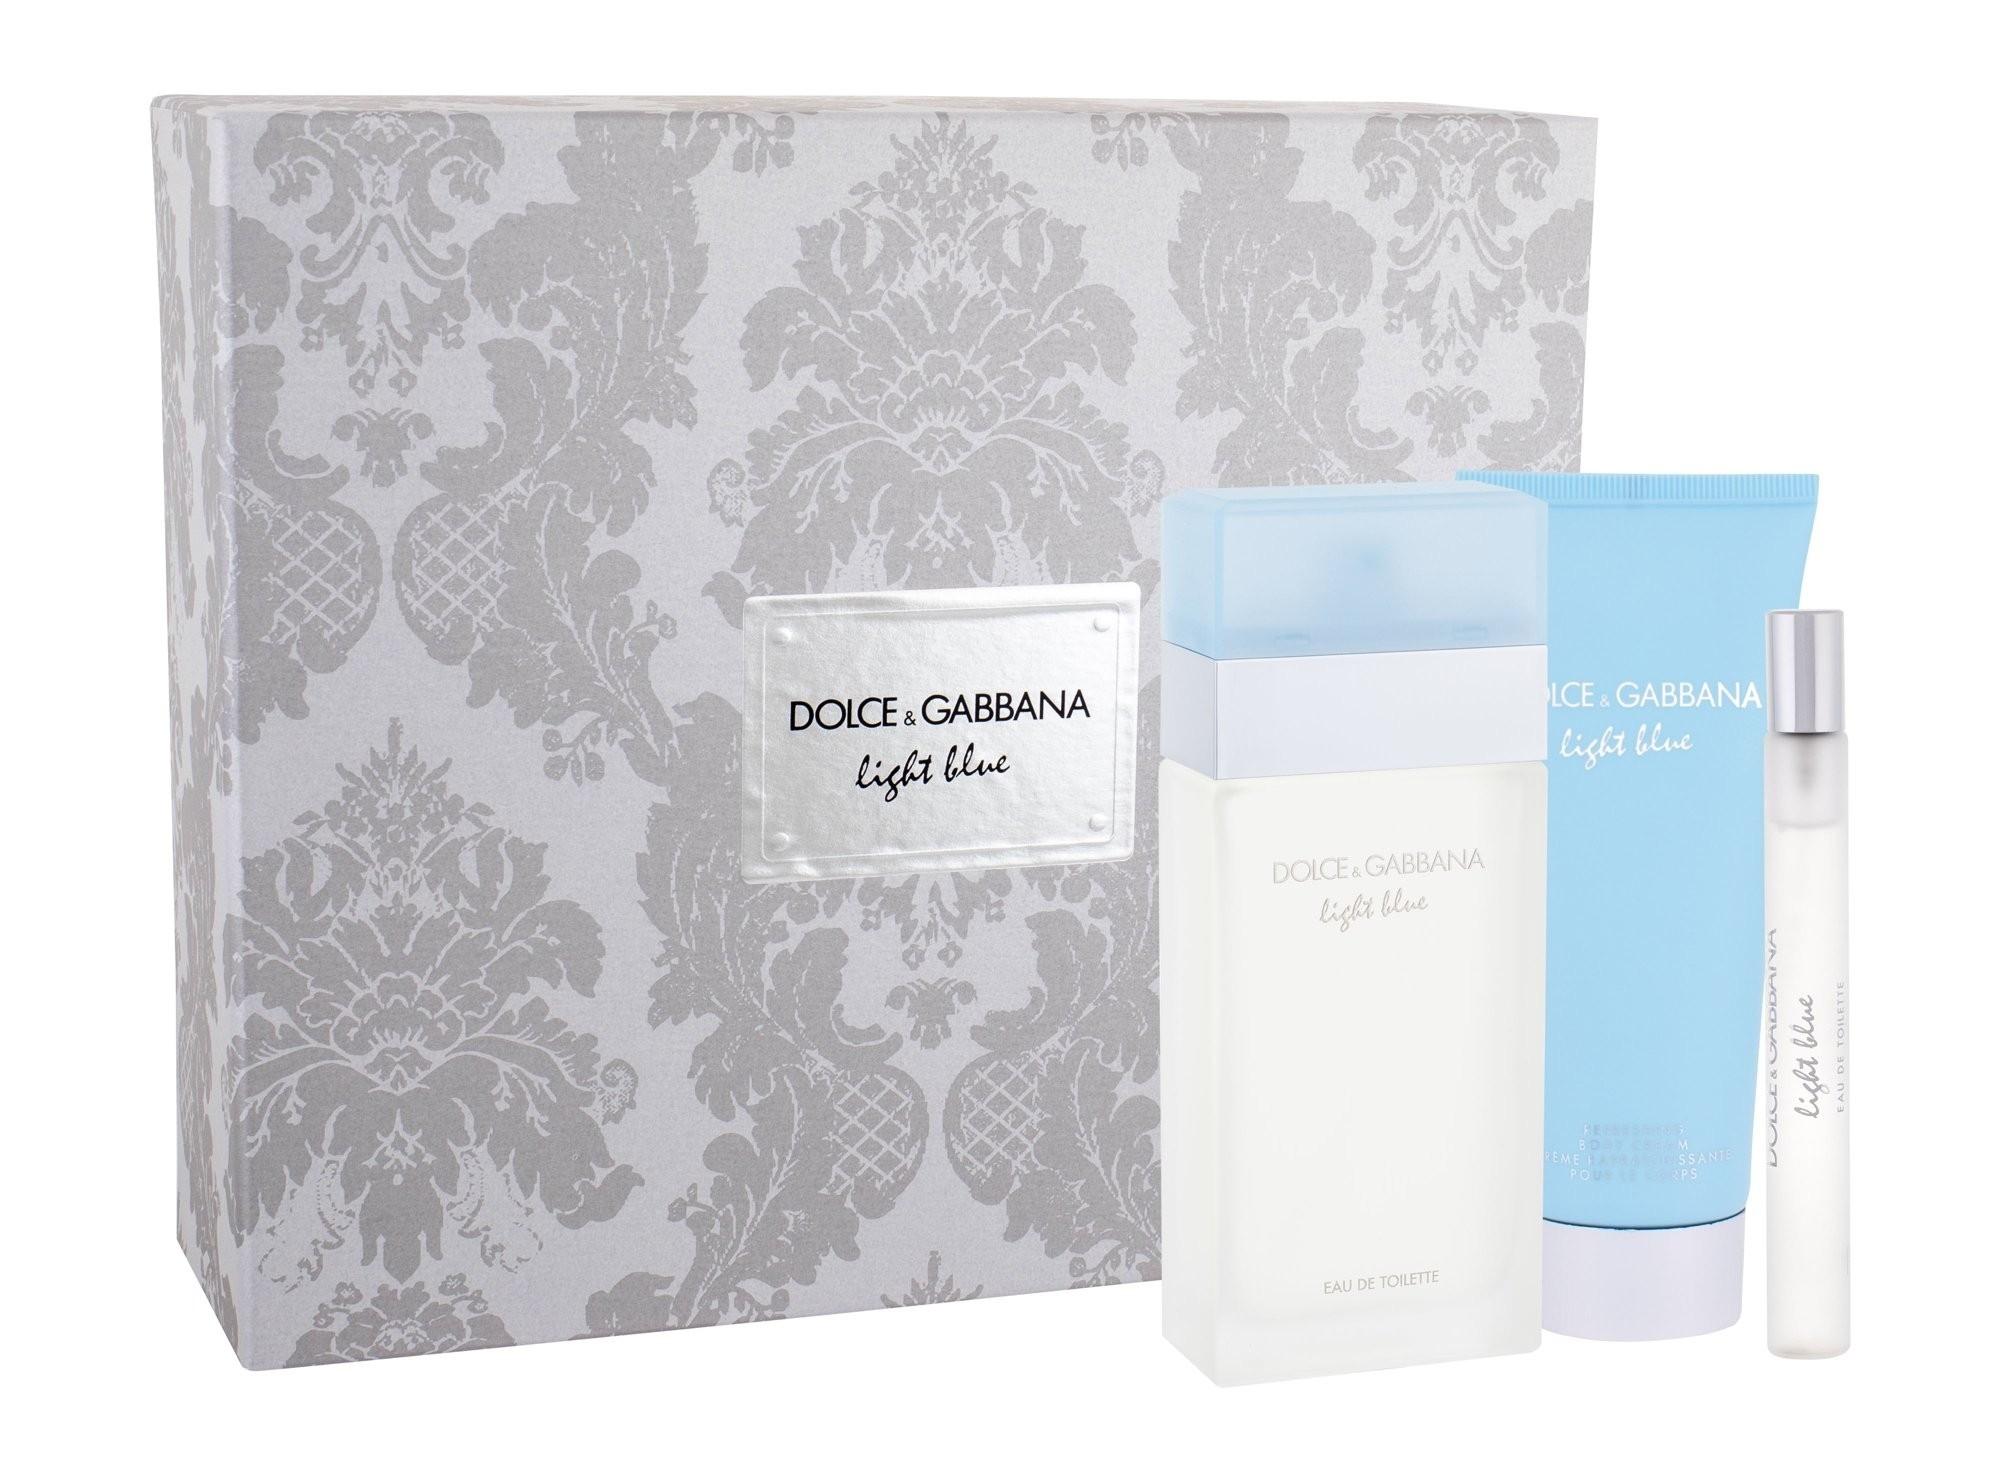 Dolce & Gabbana Light Blue, toaletní voda 100ml + tělový krém 75ml + toaletní voda 10ml, Dárková sada